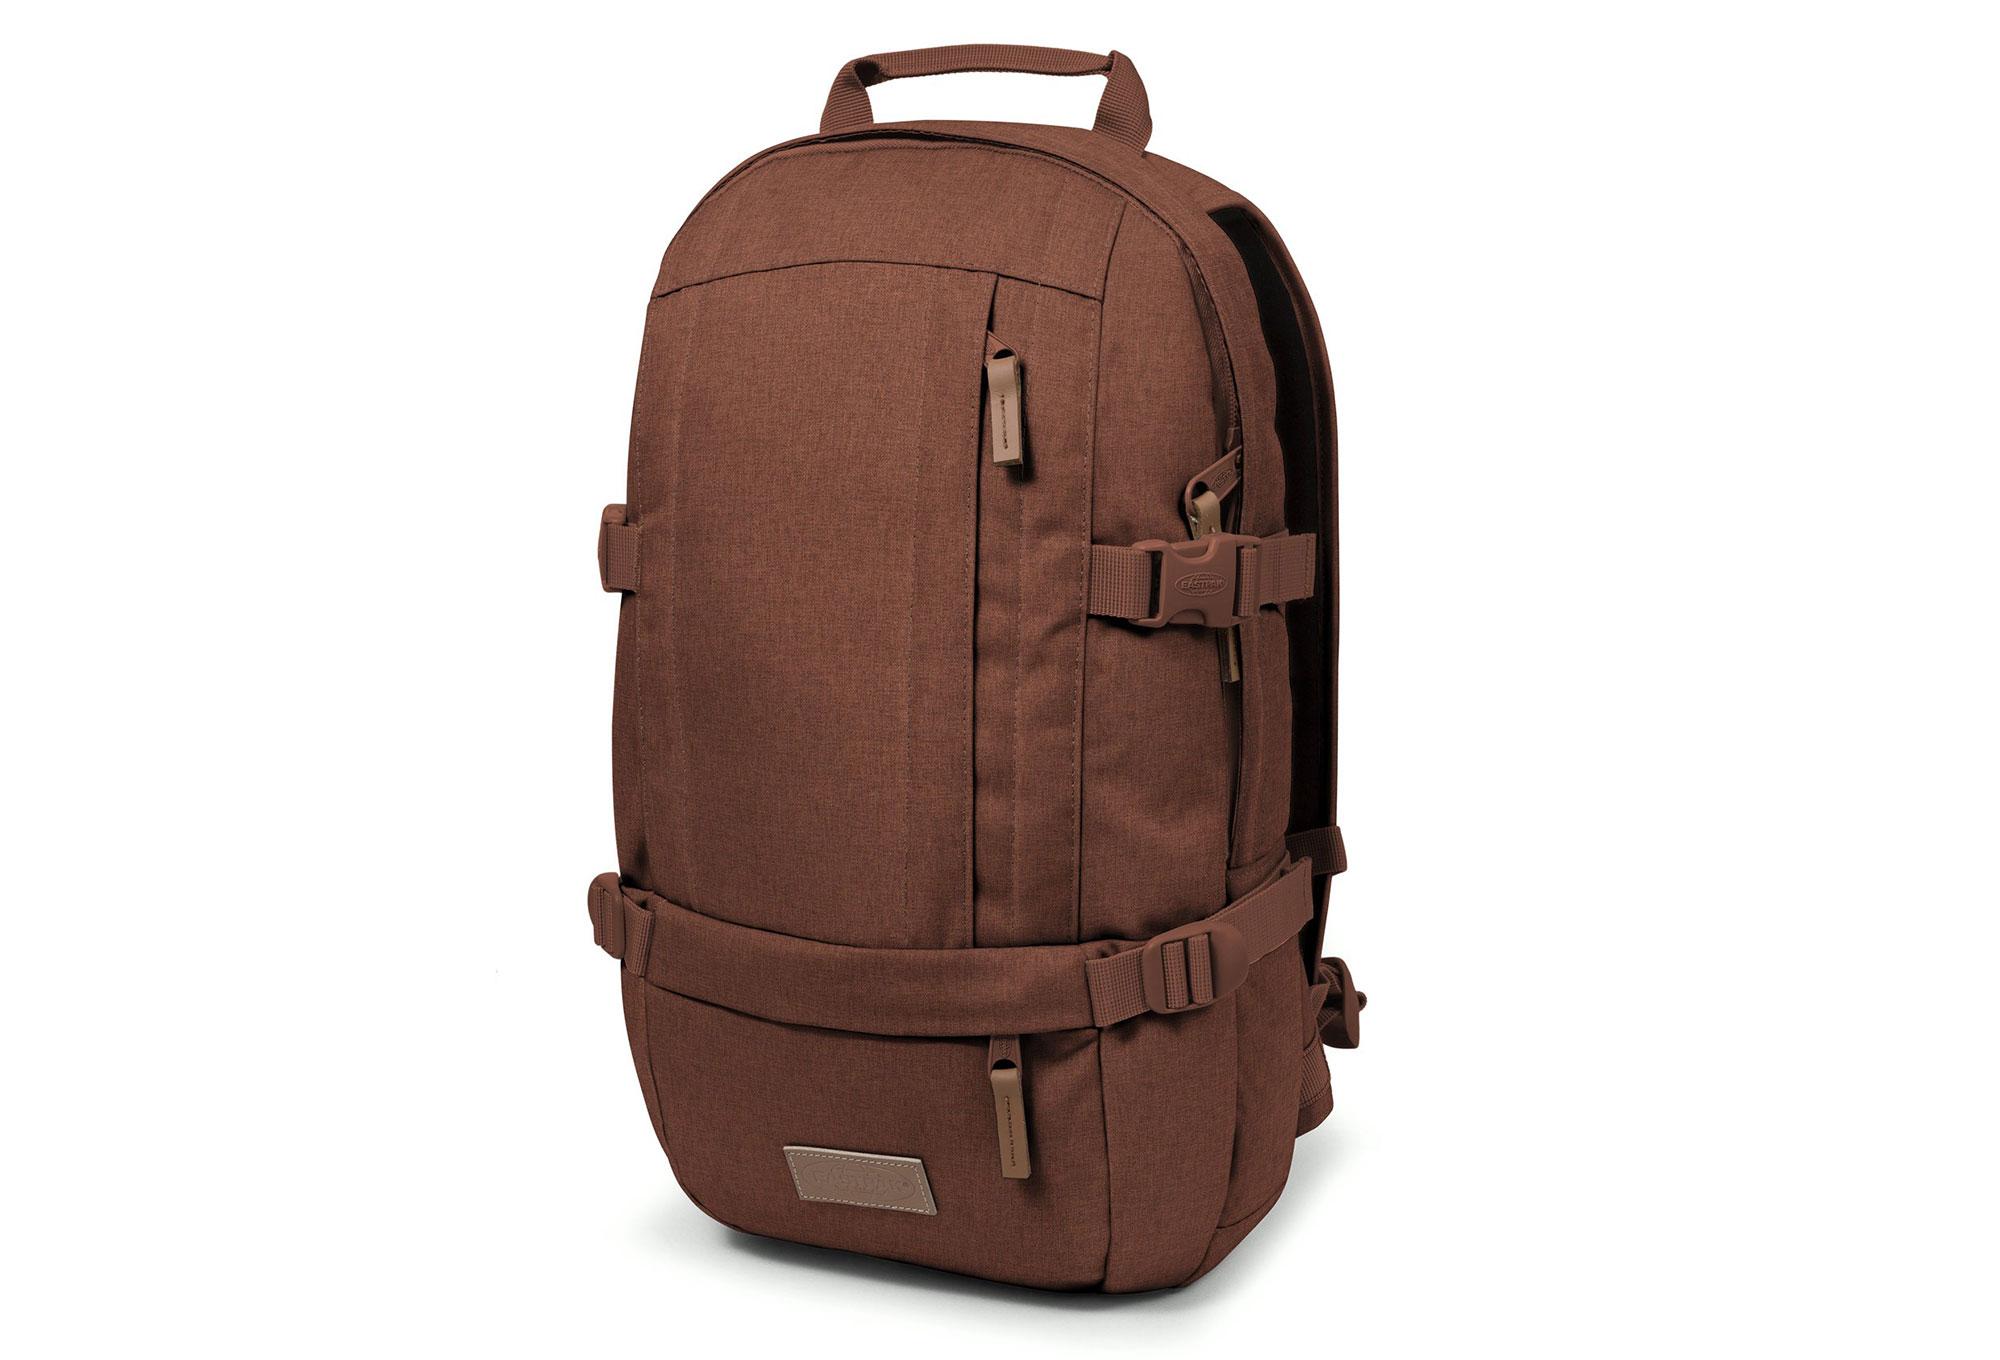 49d0e51630 Eastpak Floid Backpack Corlange Spice